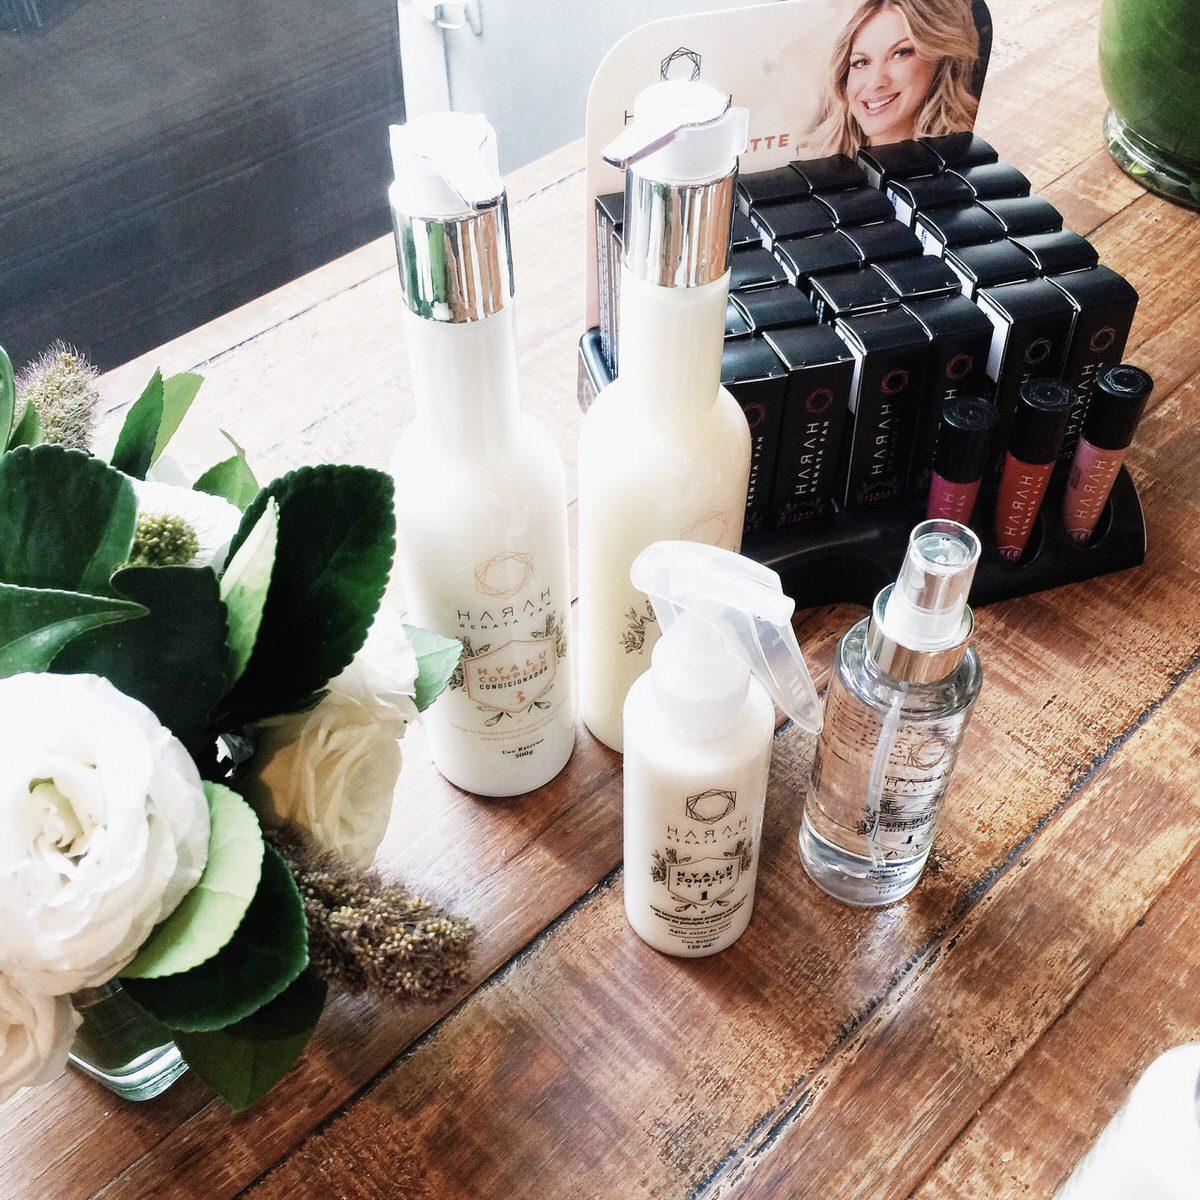 Coleção da Harah Renata Fan, Primer capilar, shampoo, condicionador, body splash e batons